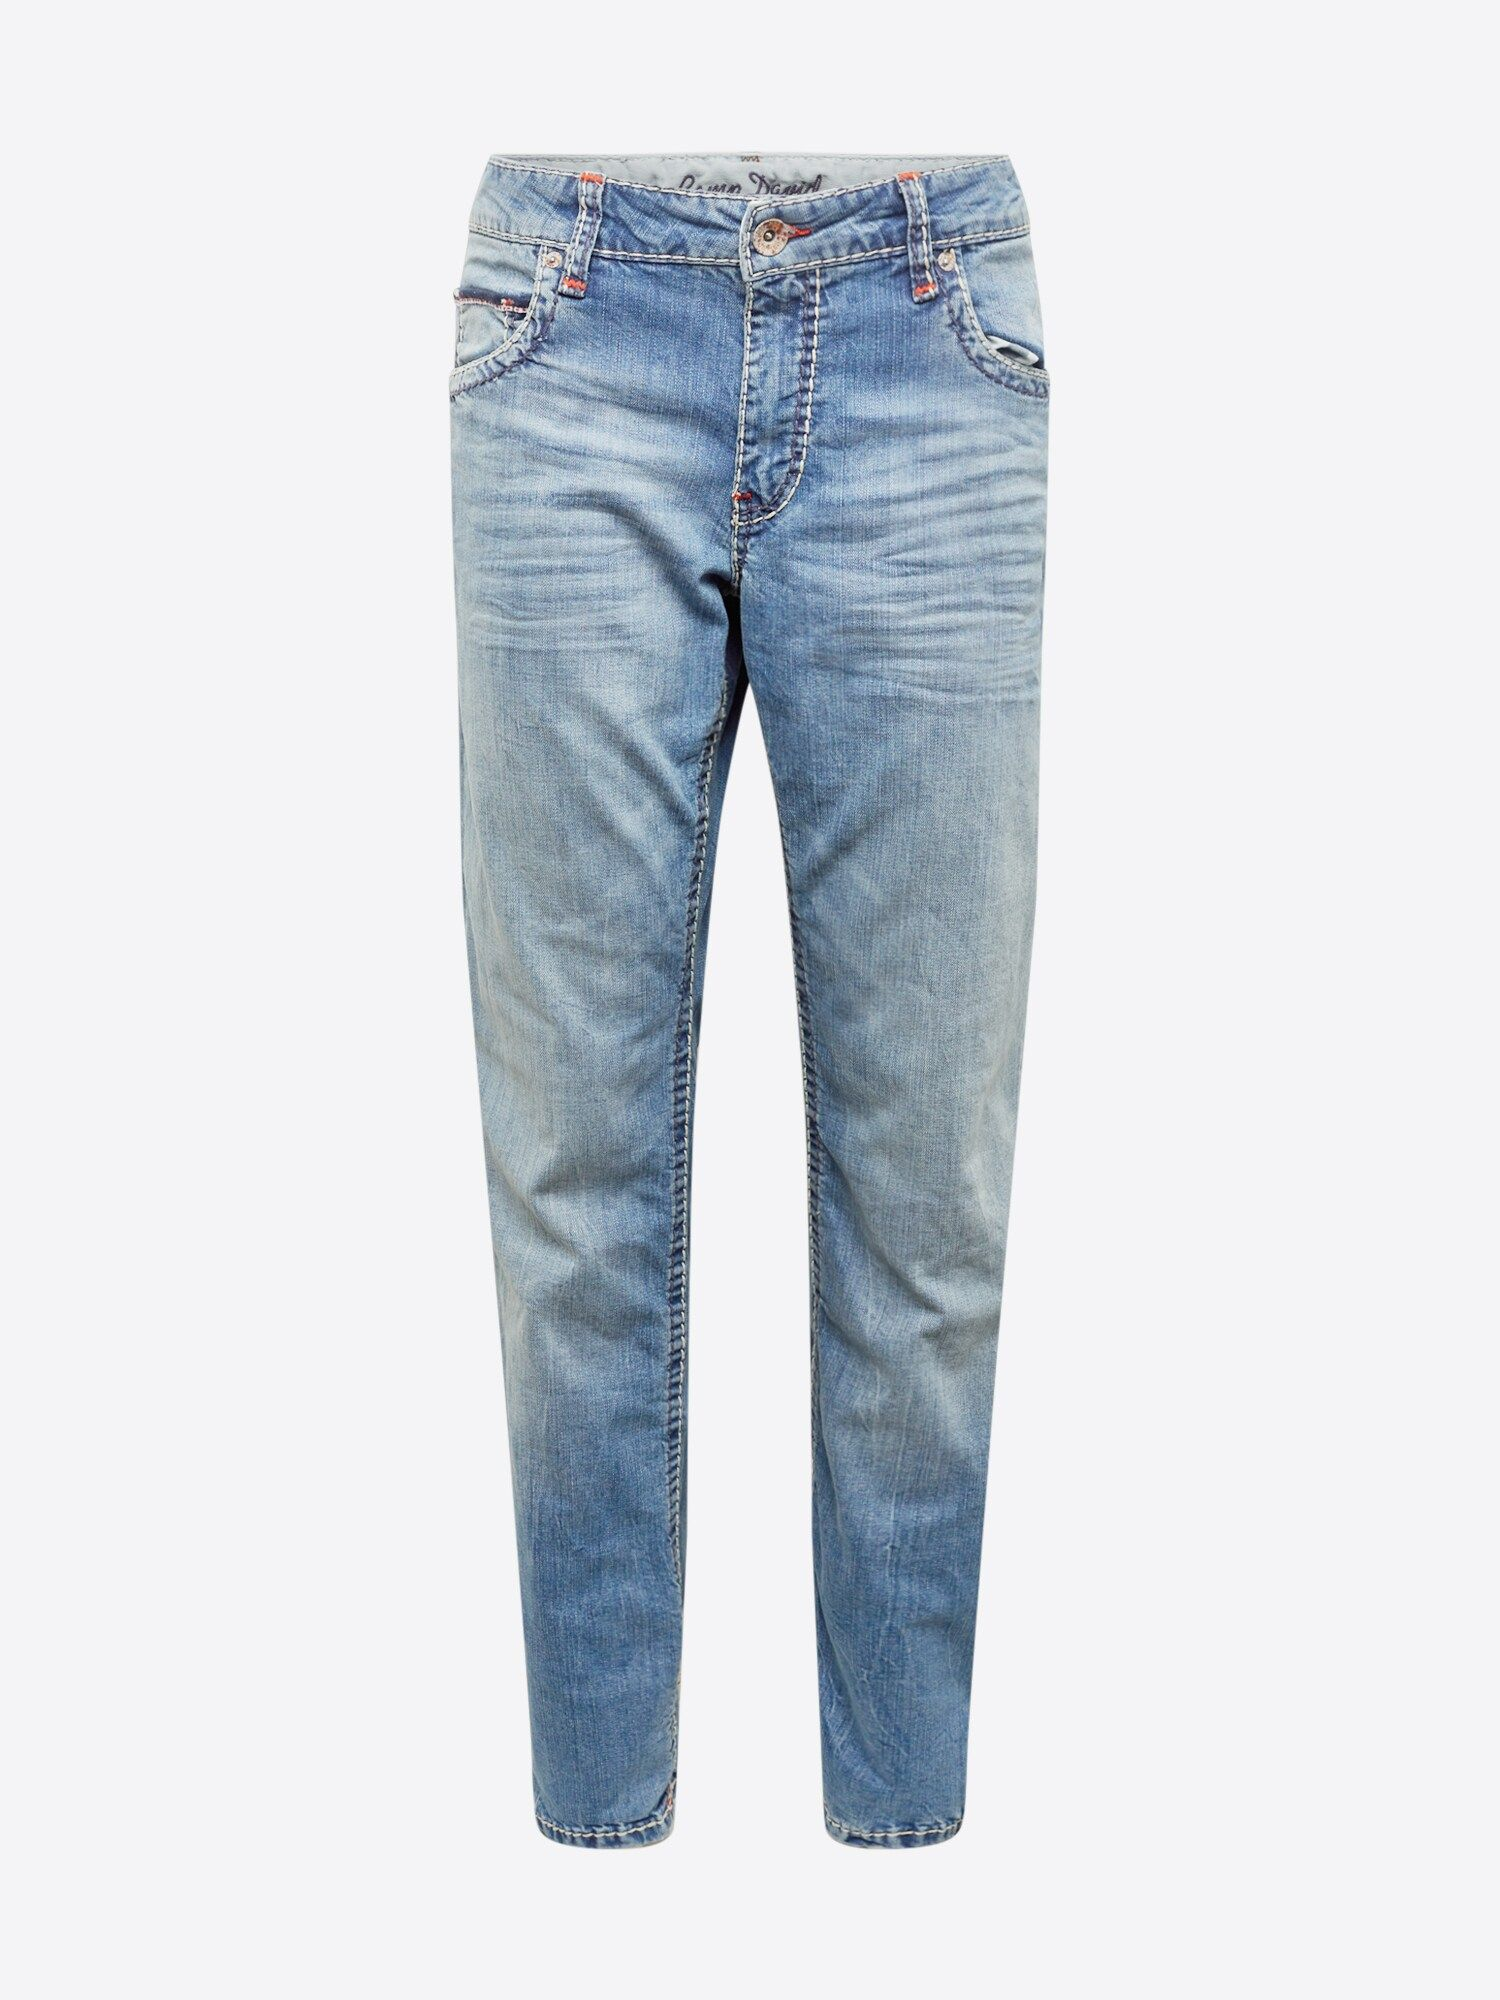 Camp David Jeans Herren Blue Denim Grosse 32 Jeans Denim Jeans Und Aktuelle Trends